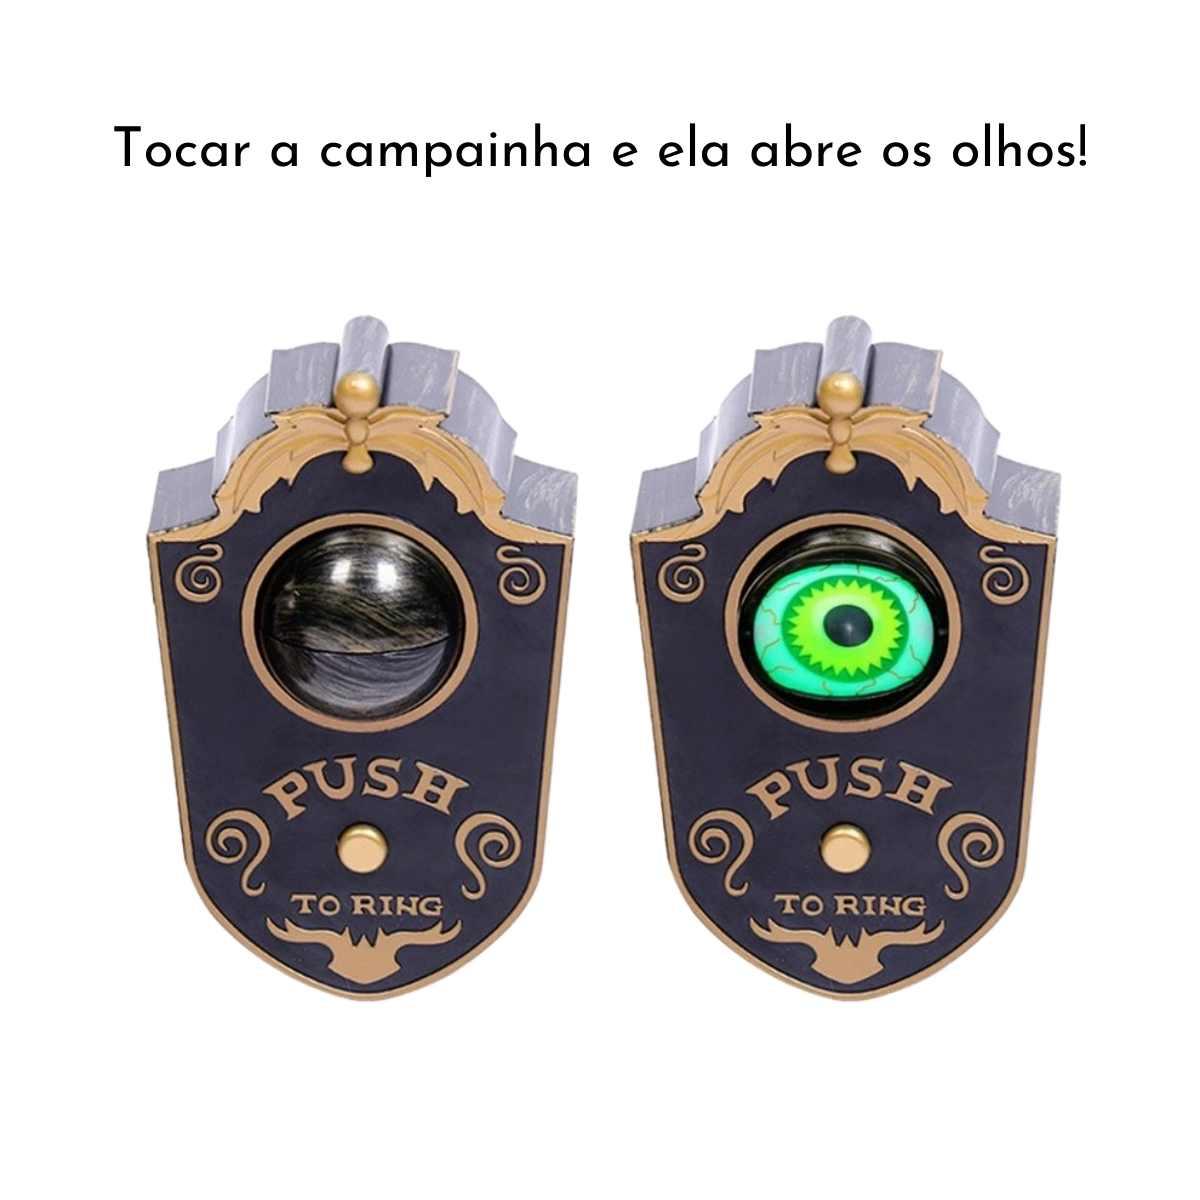 Campainha de Porta Olho Halloween Som/Luz/Movimento